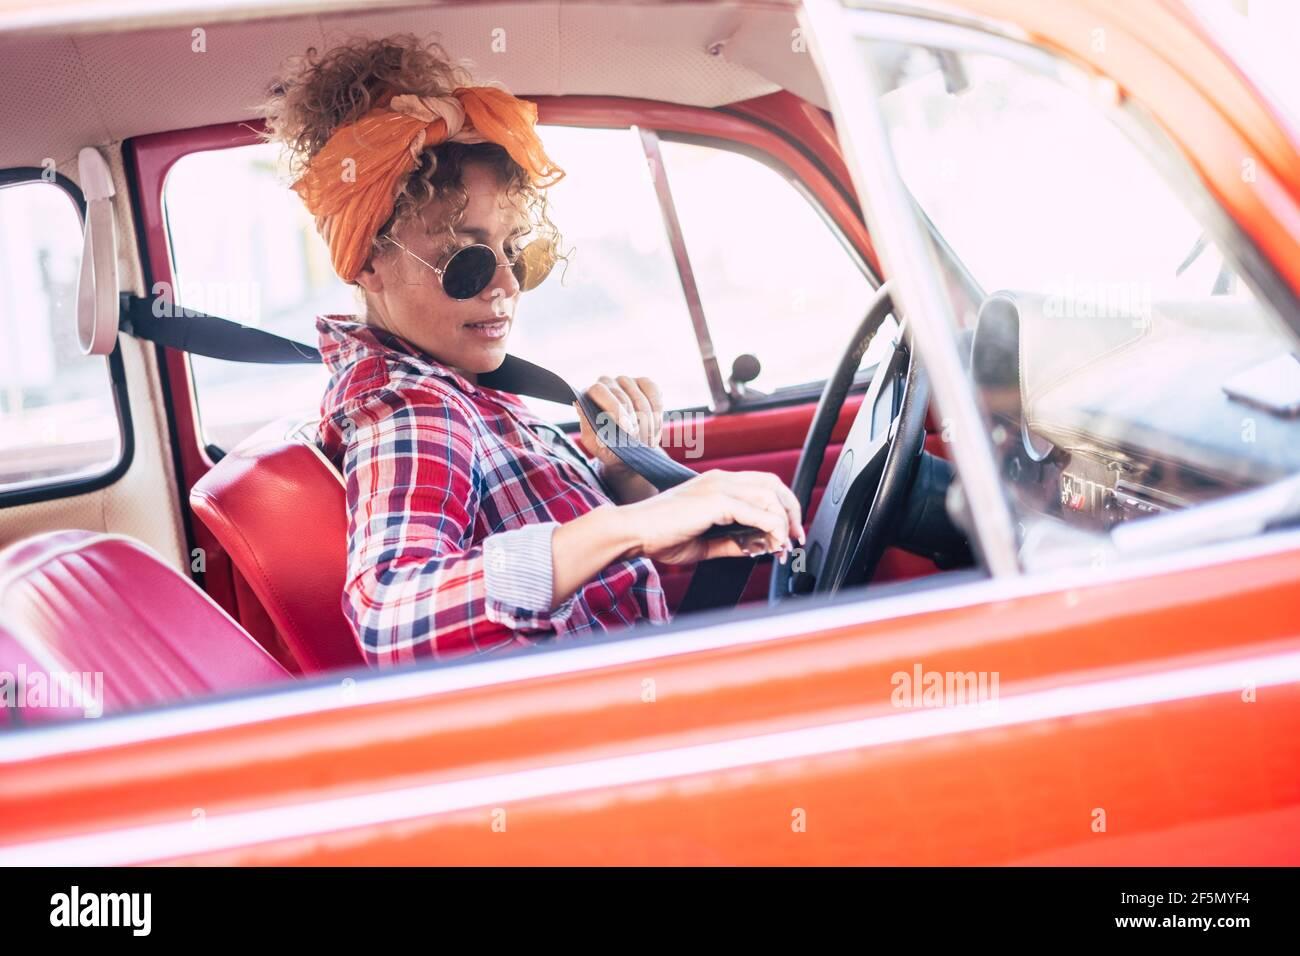 Femme tenant la ceinture de sécurité à l'intérieur de la voiture vue de extérieur - concept d'assurance et de chauffeur de femme - jeune jeune femme tendance aime voyager Banque D'Images